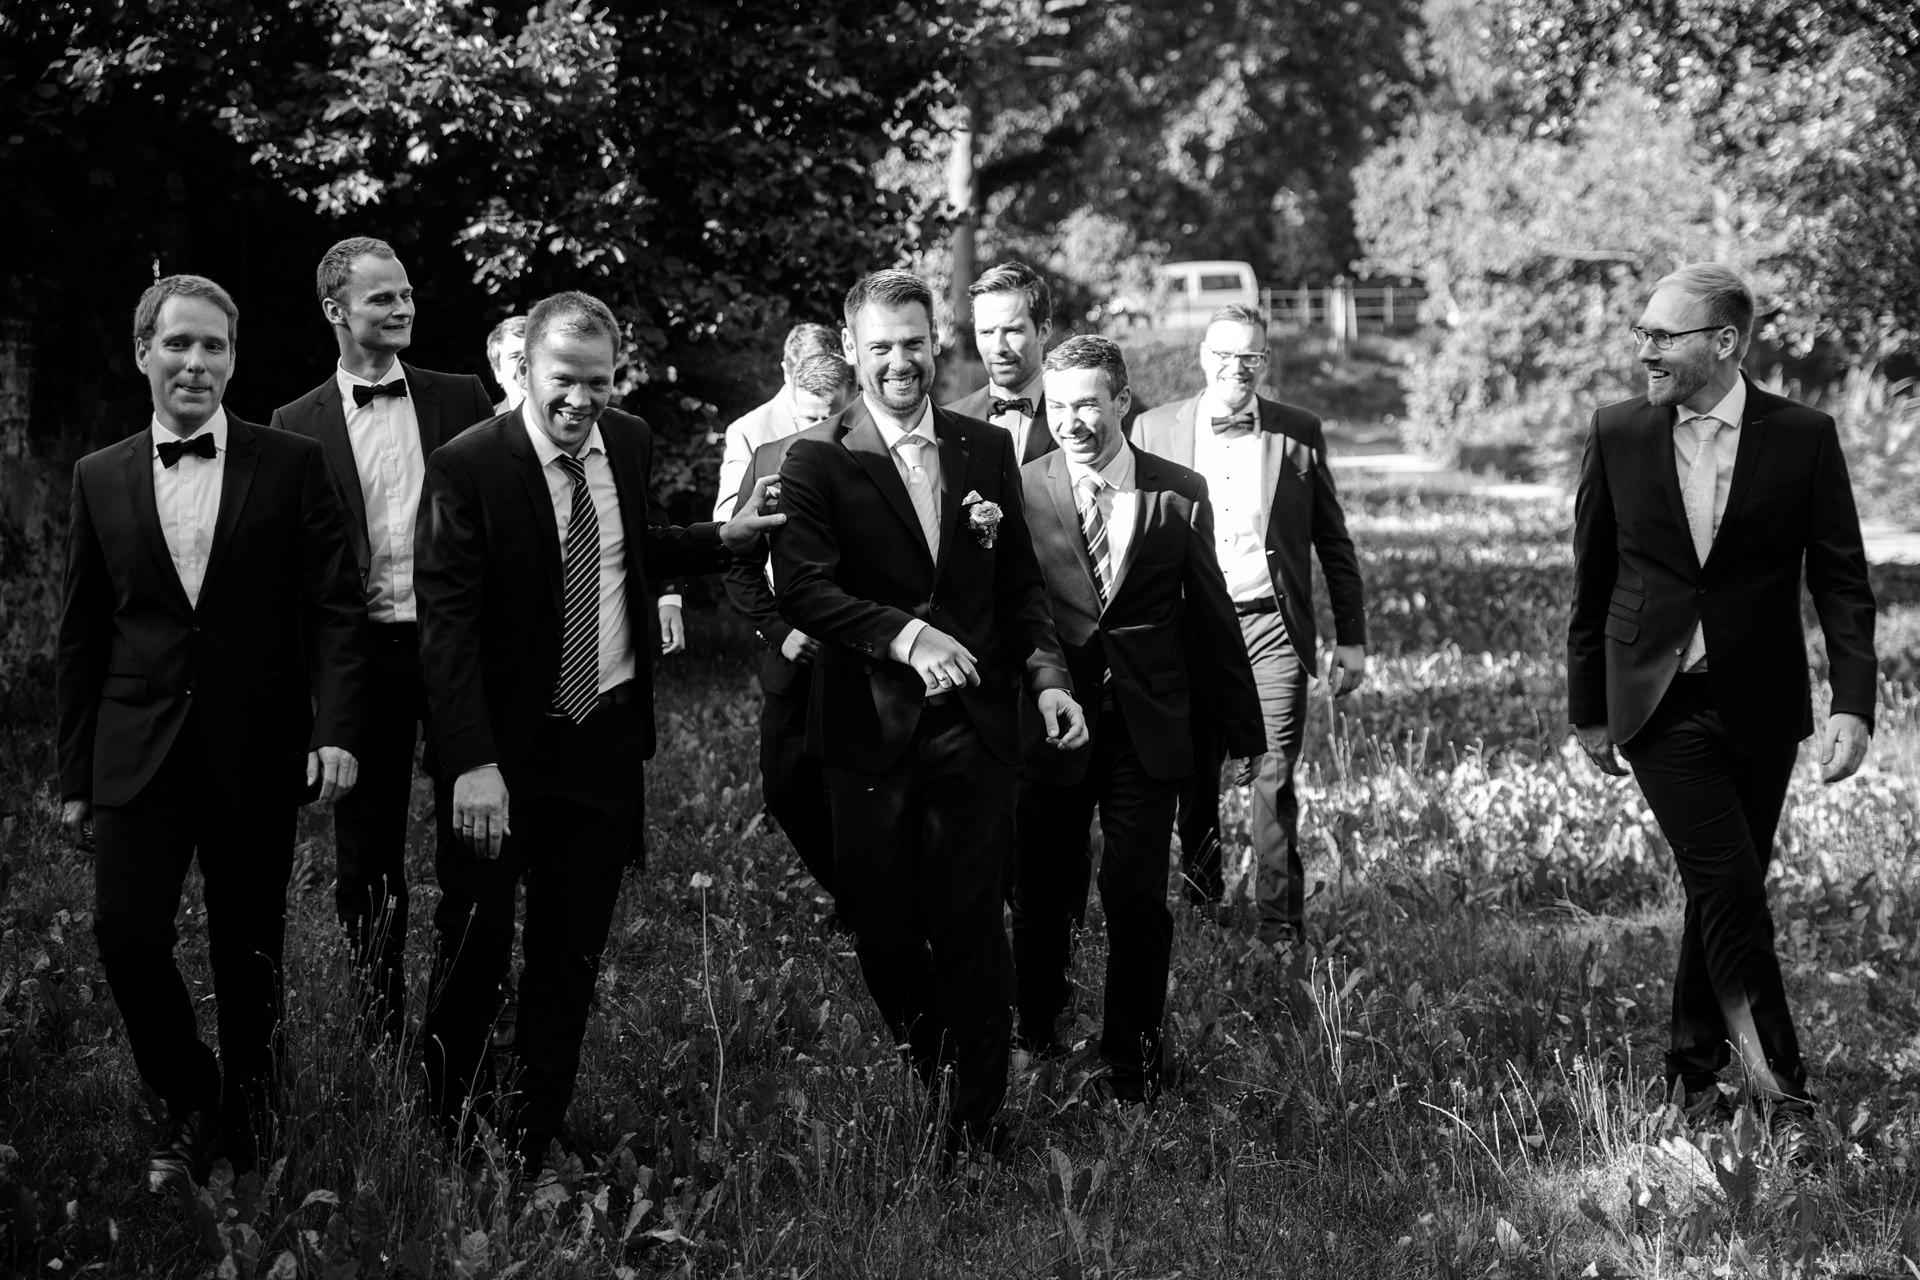 Der Bräutigam mit seinen Jungs bei der Hochzeitsfeier